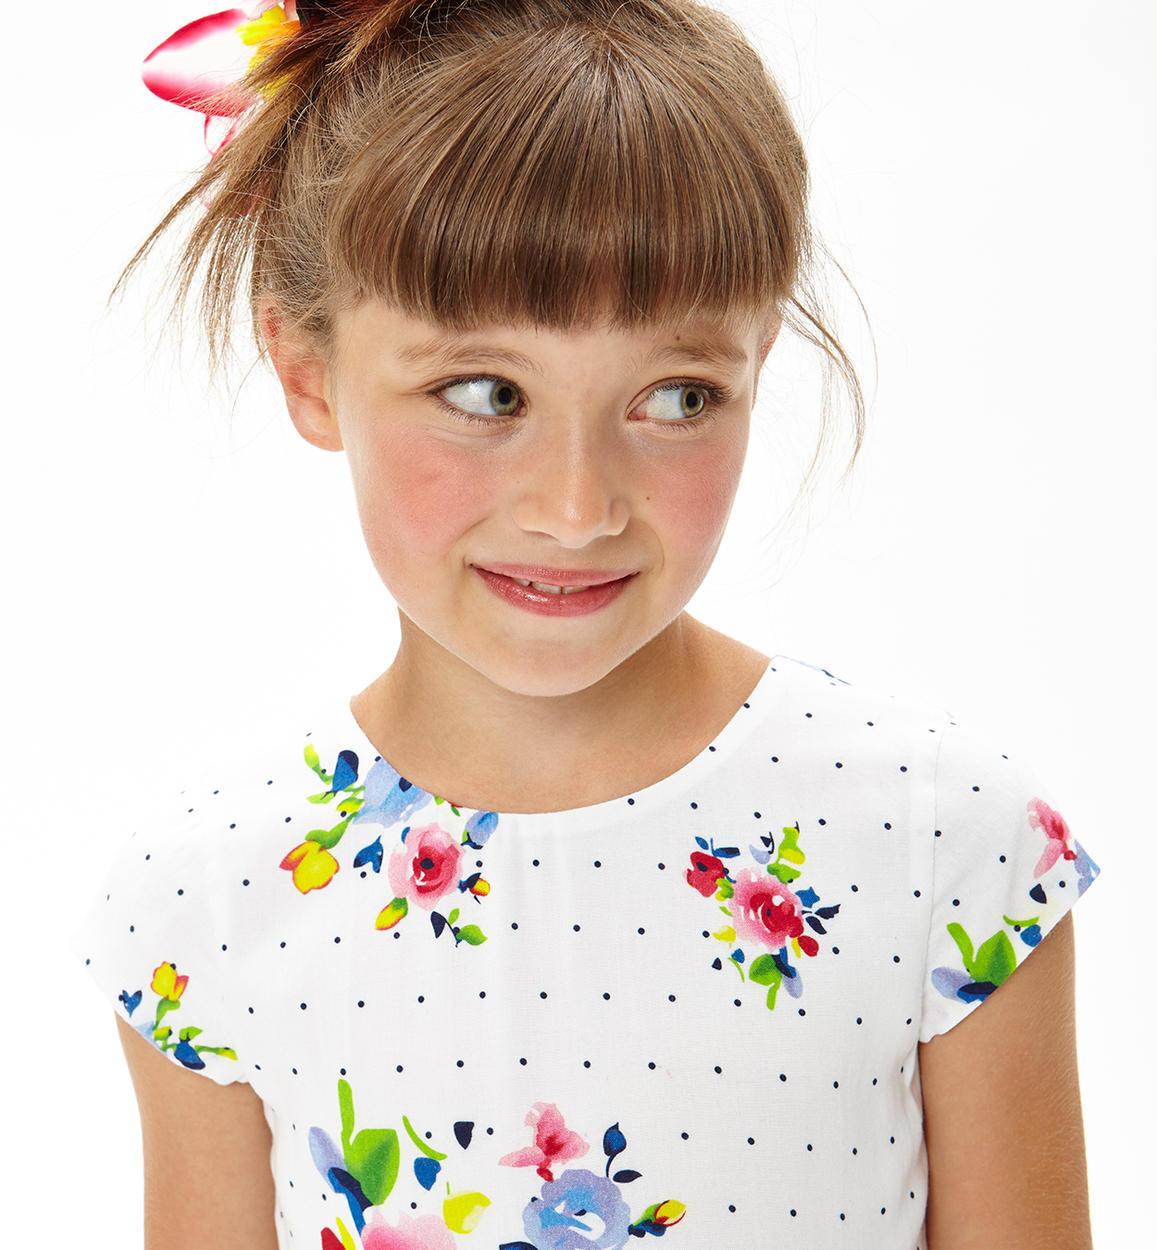 nuovo di zecca 77c66 8c75a Vestitino stampato a pois e fiori con cintura in ecopelle per ...